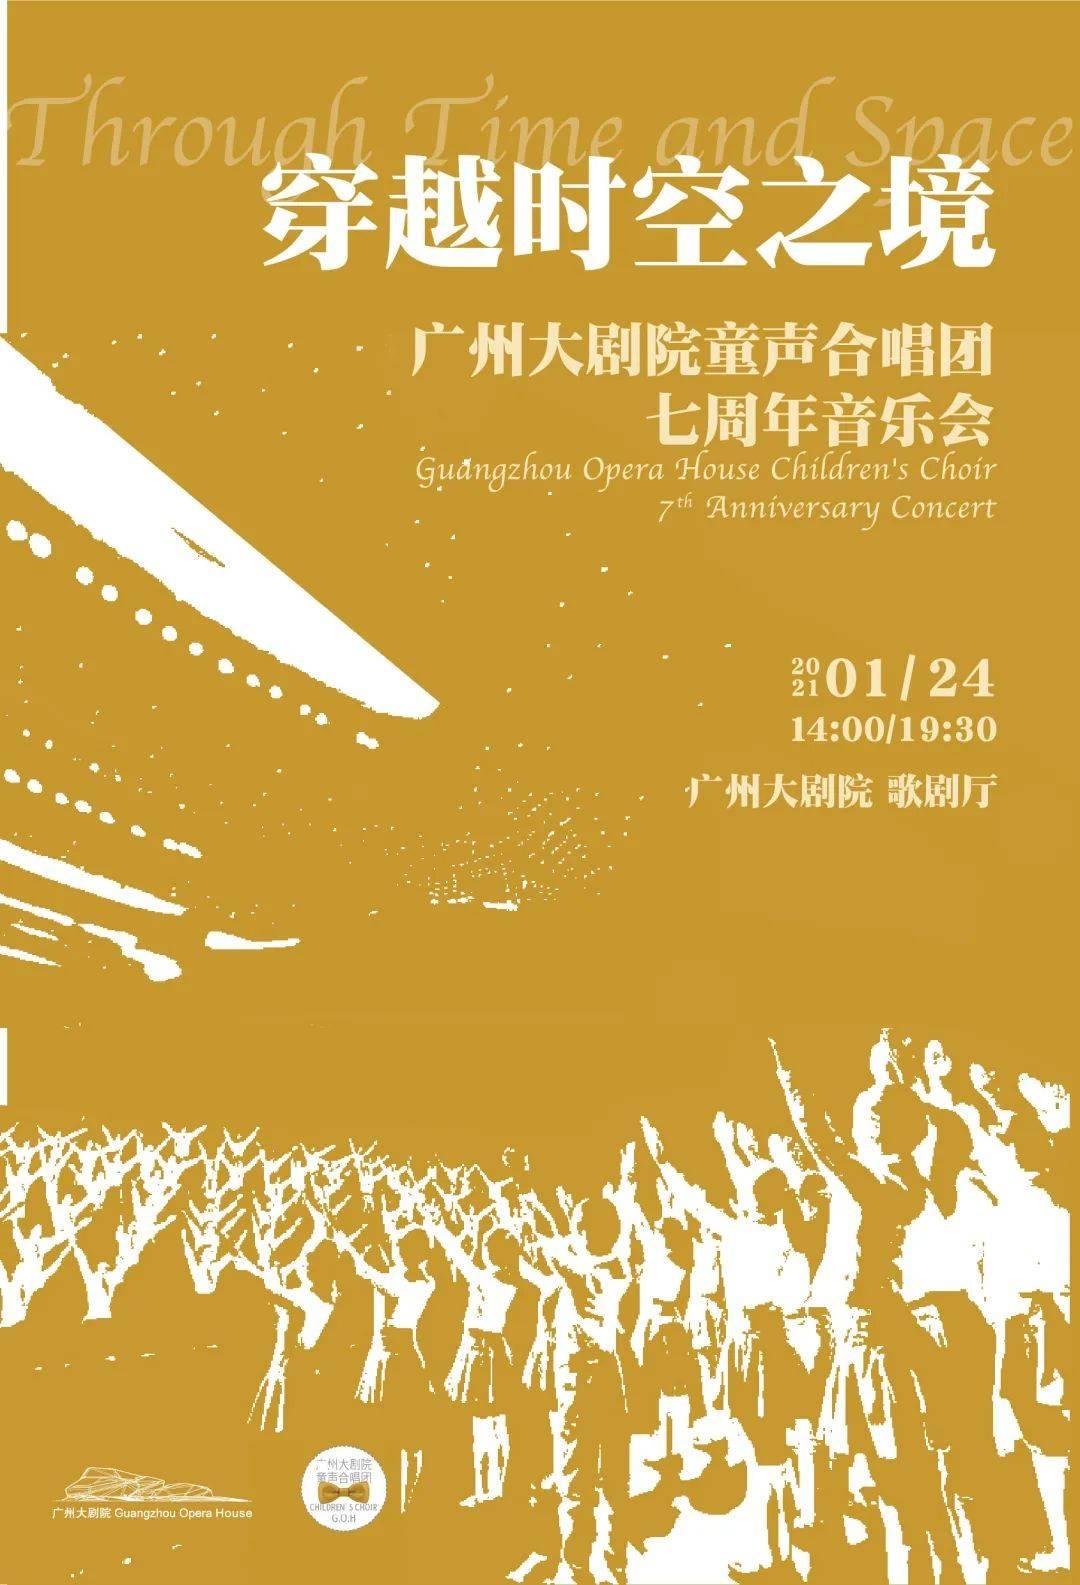 电子节目单丨穿越时空之境:广州大剧院童声合唱团七周年音乐会